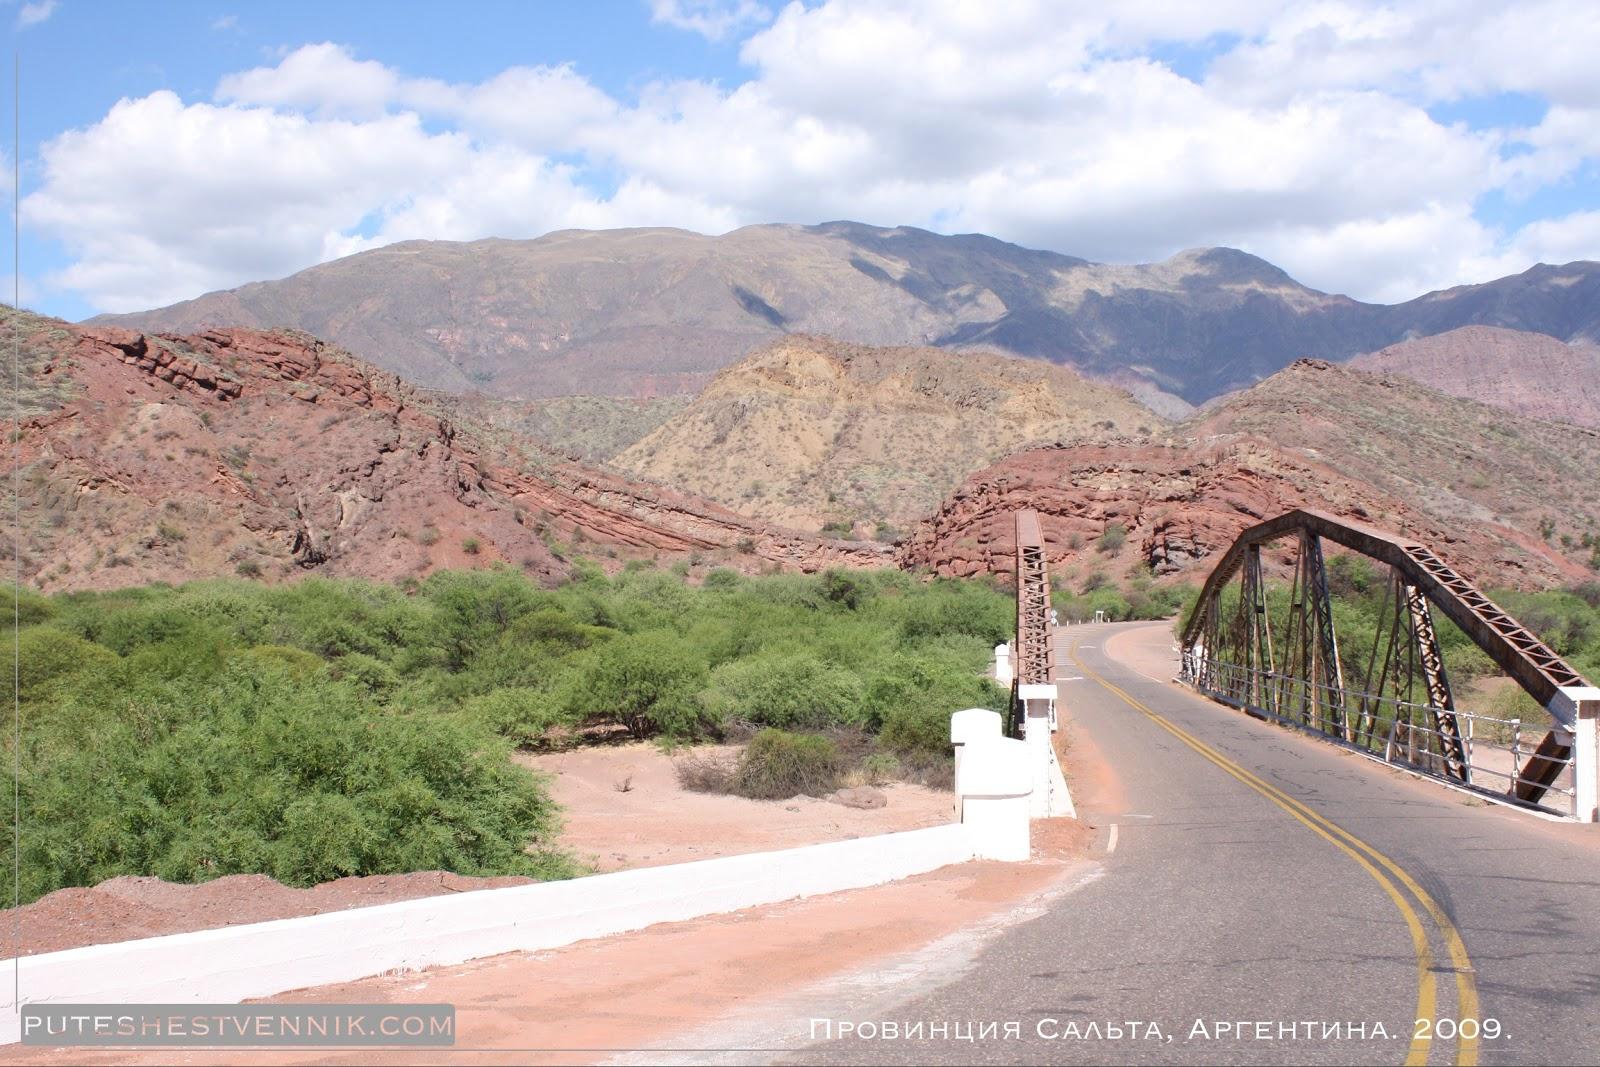 Мост на дороге в Аргентине